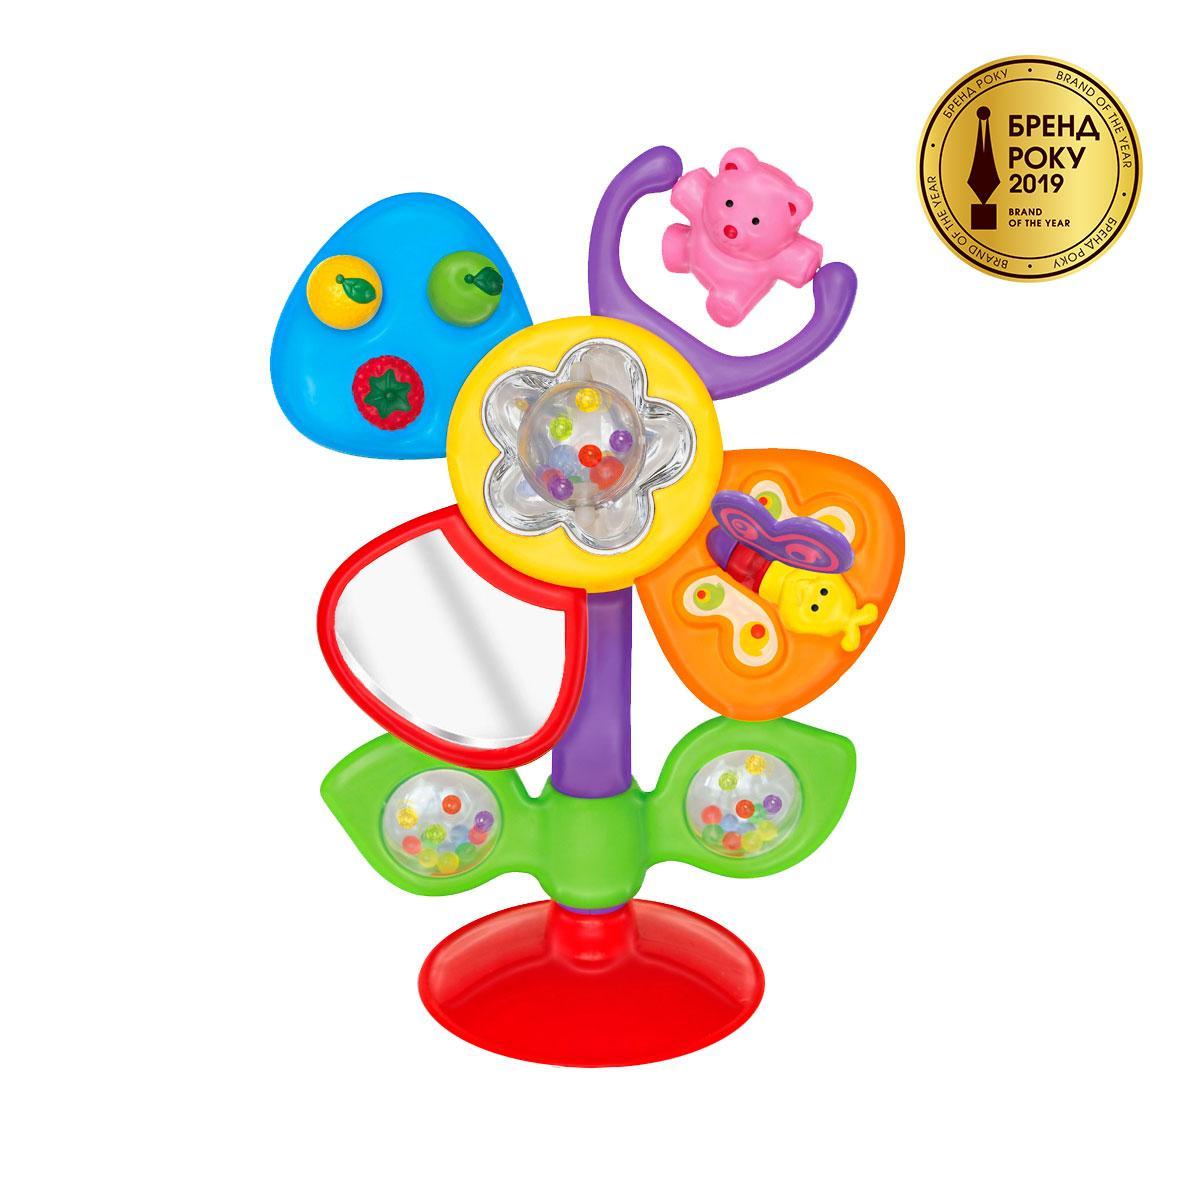 Игрушка на присоске Kiddieland - Цветик (русская озвучка), 051185